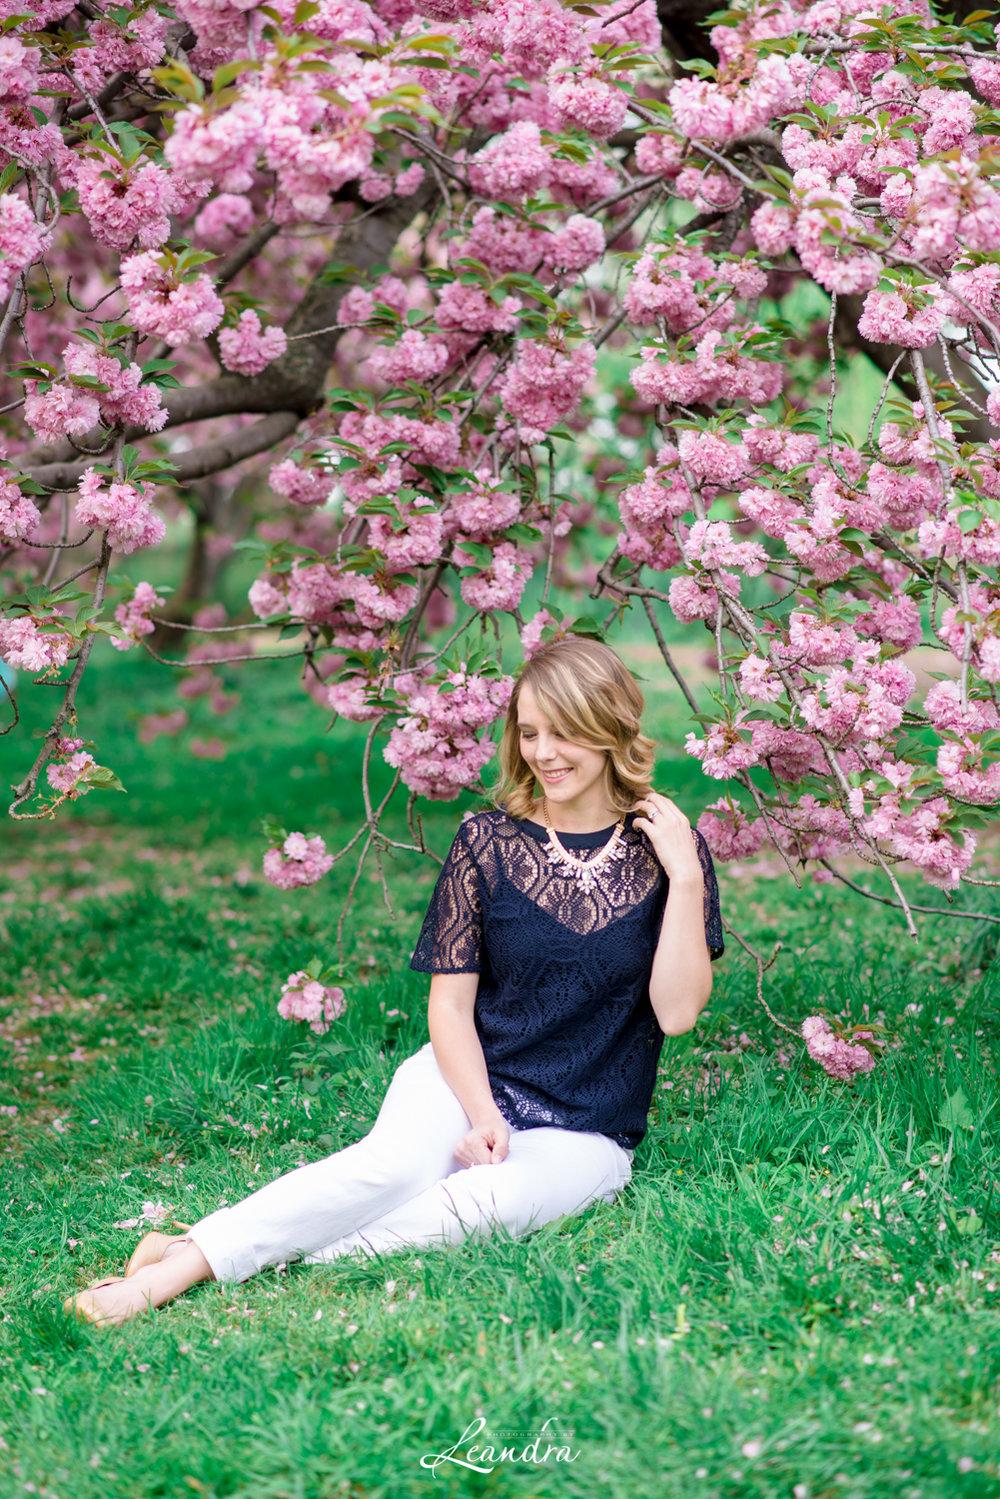 CentralParkCherryBlossoms-06.jpg